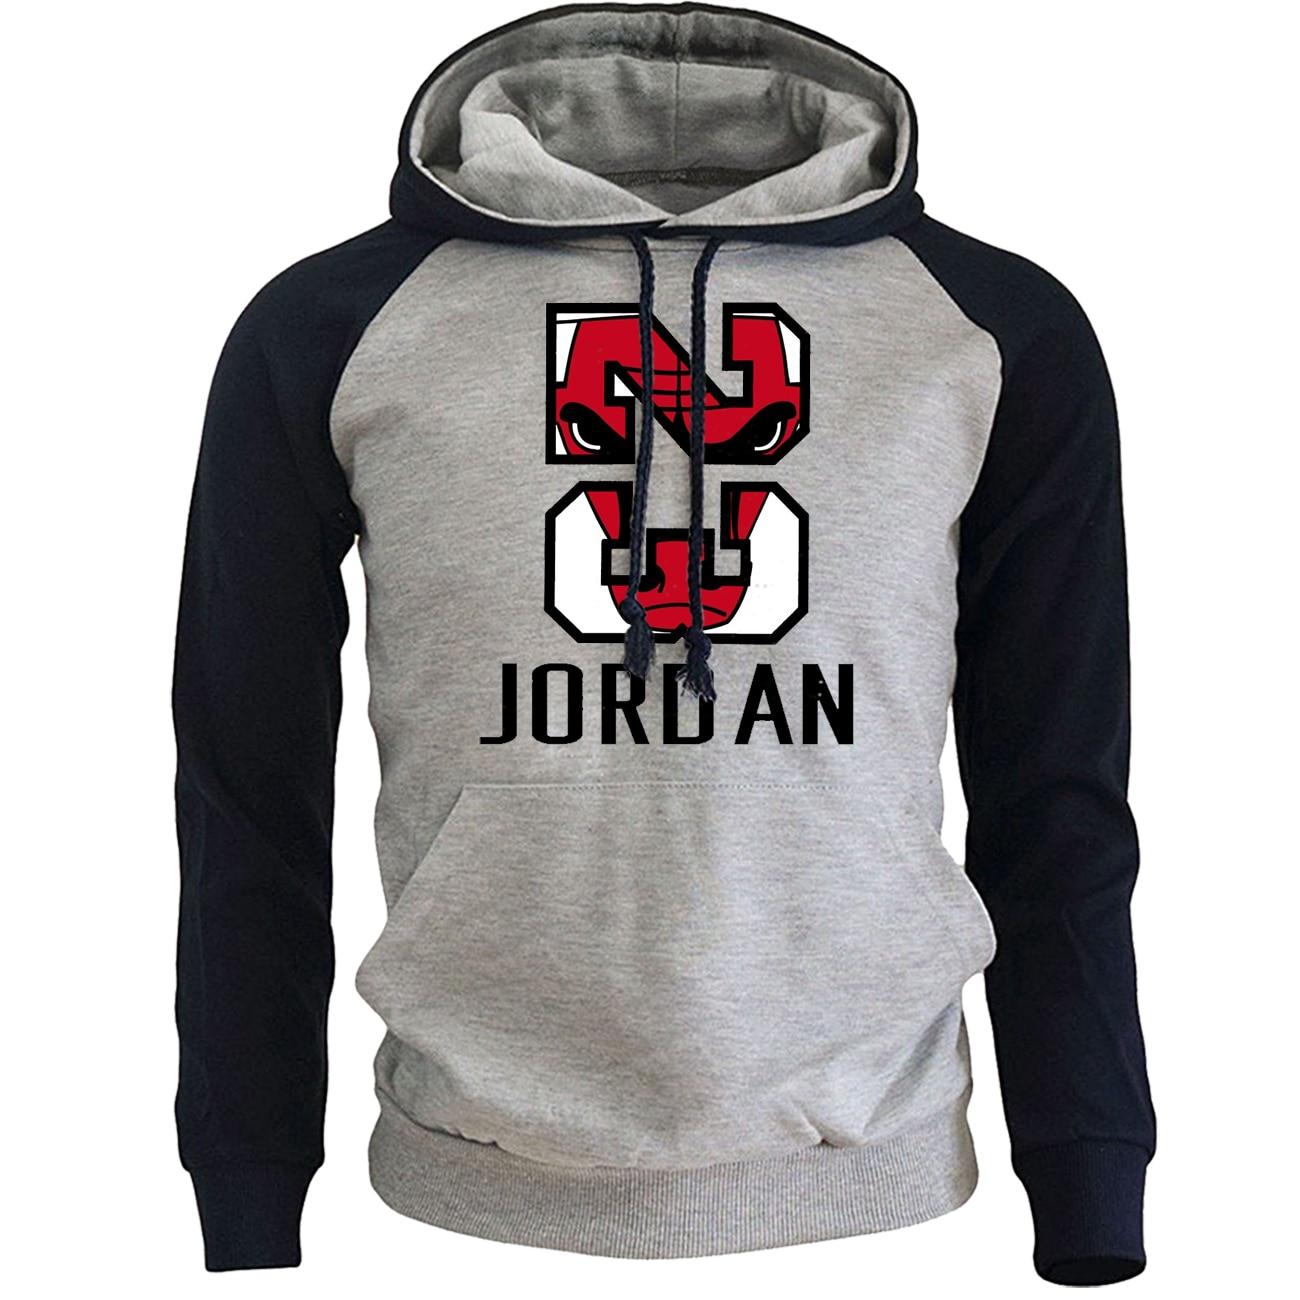 Jordan 23 Printed Hoodie Sweatshirt Men 2020 Spring Autumn New Fashion Pullover Hooded Harajuku Mens Hoodies Hip Hop Streetwear